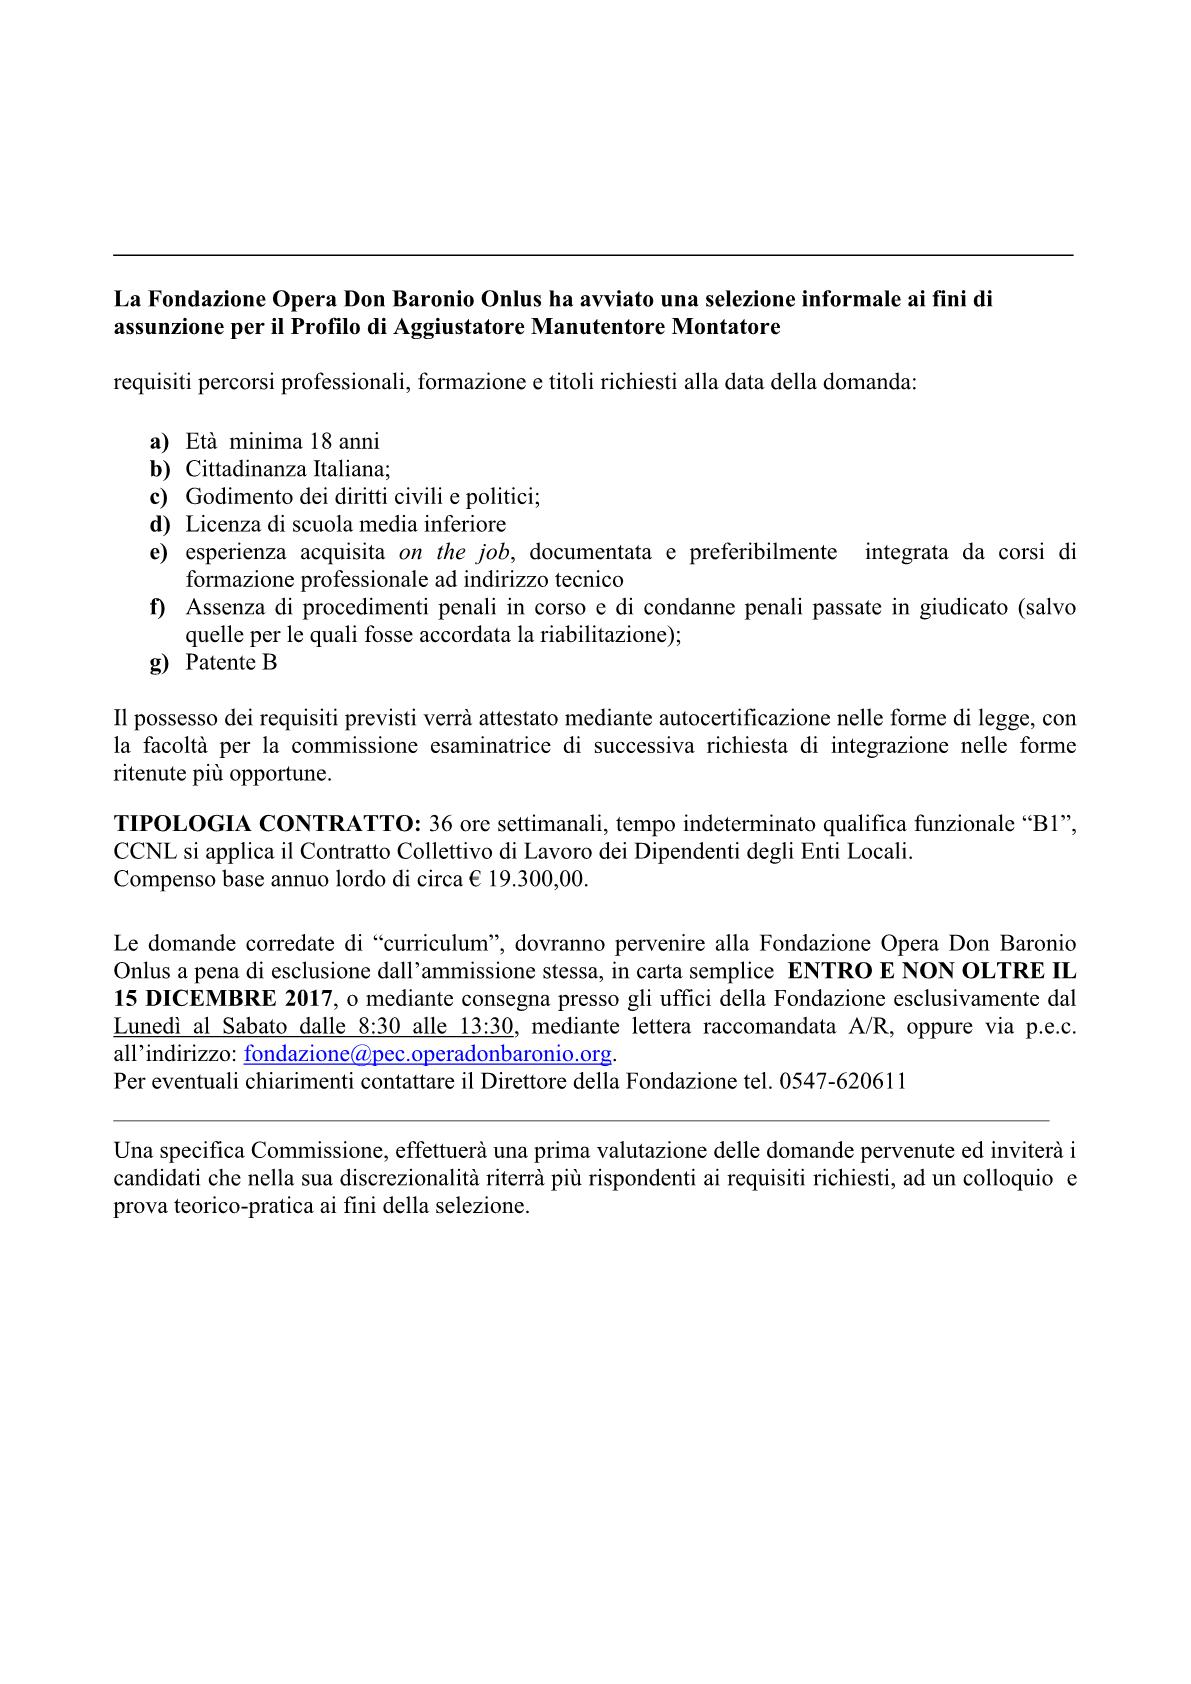 BANDO PER ASSUNZIONE PROFILO DI AGGIUSTATORE MANUTENTORE MONTATORE